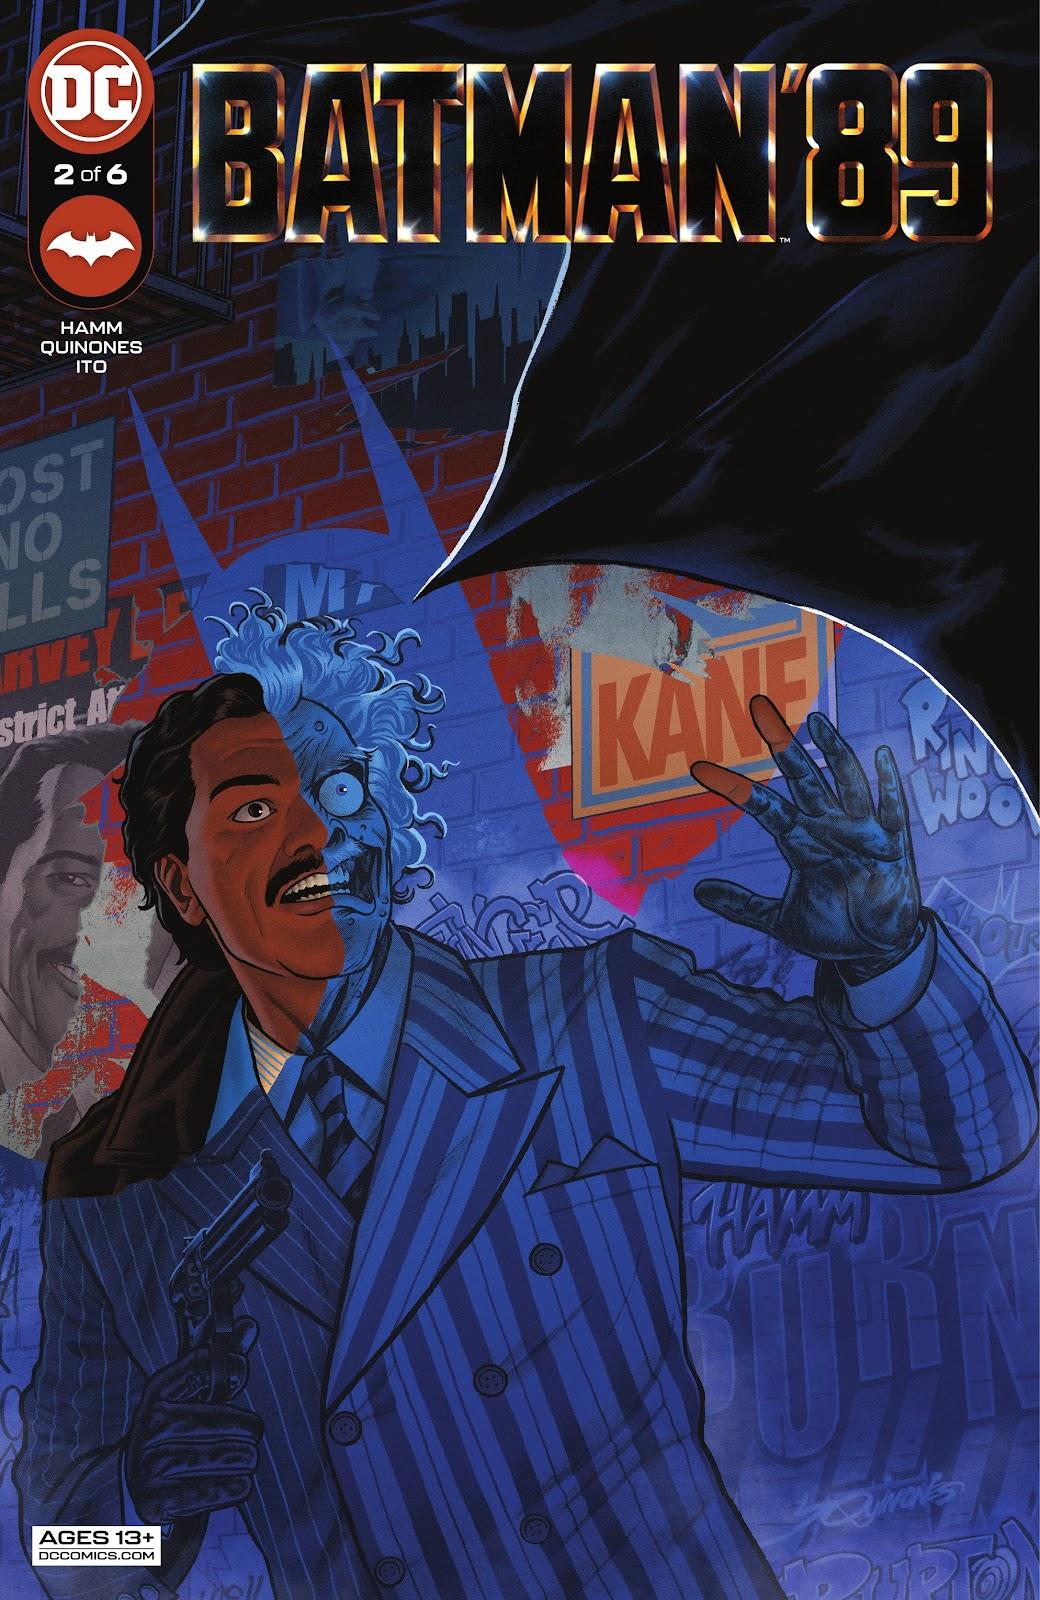 Batman 89 2, cover, 2021, Joe Quinones